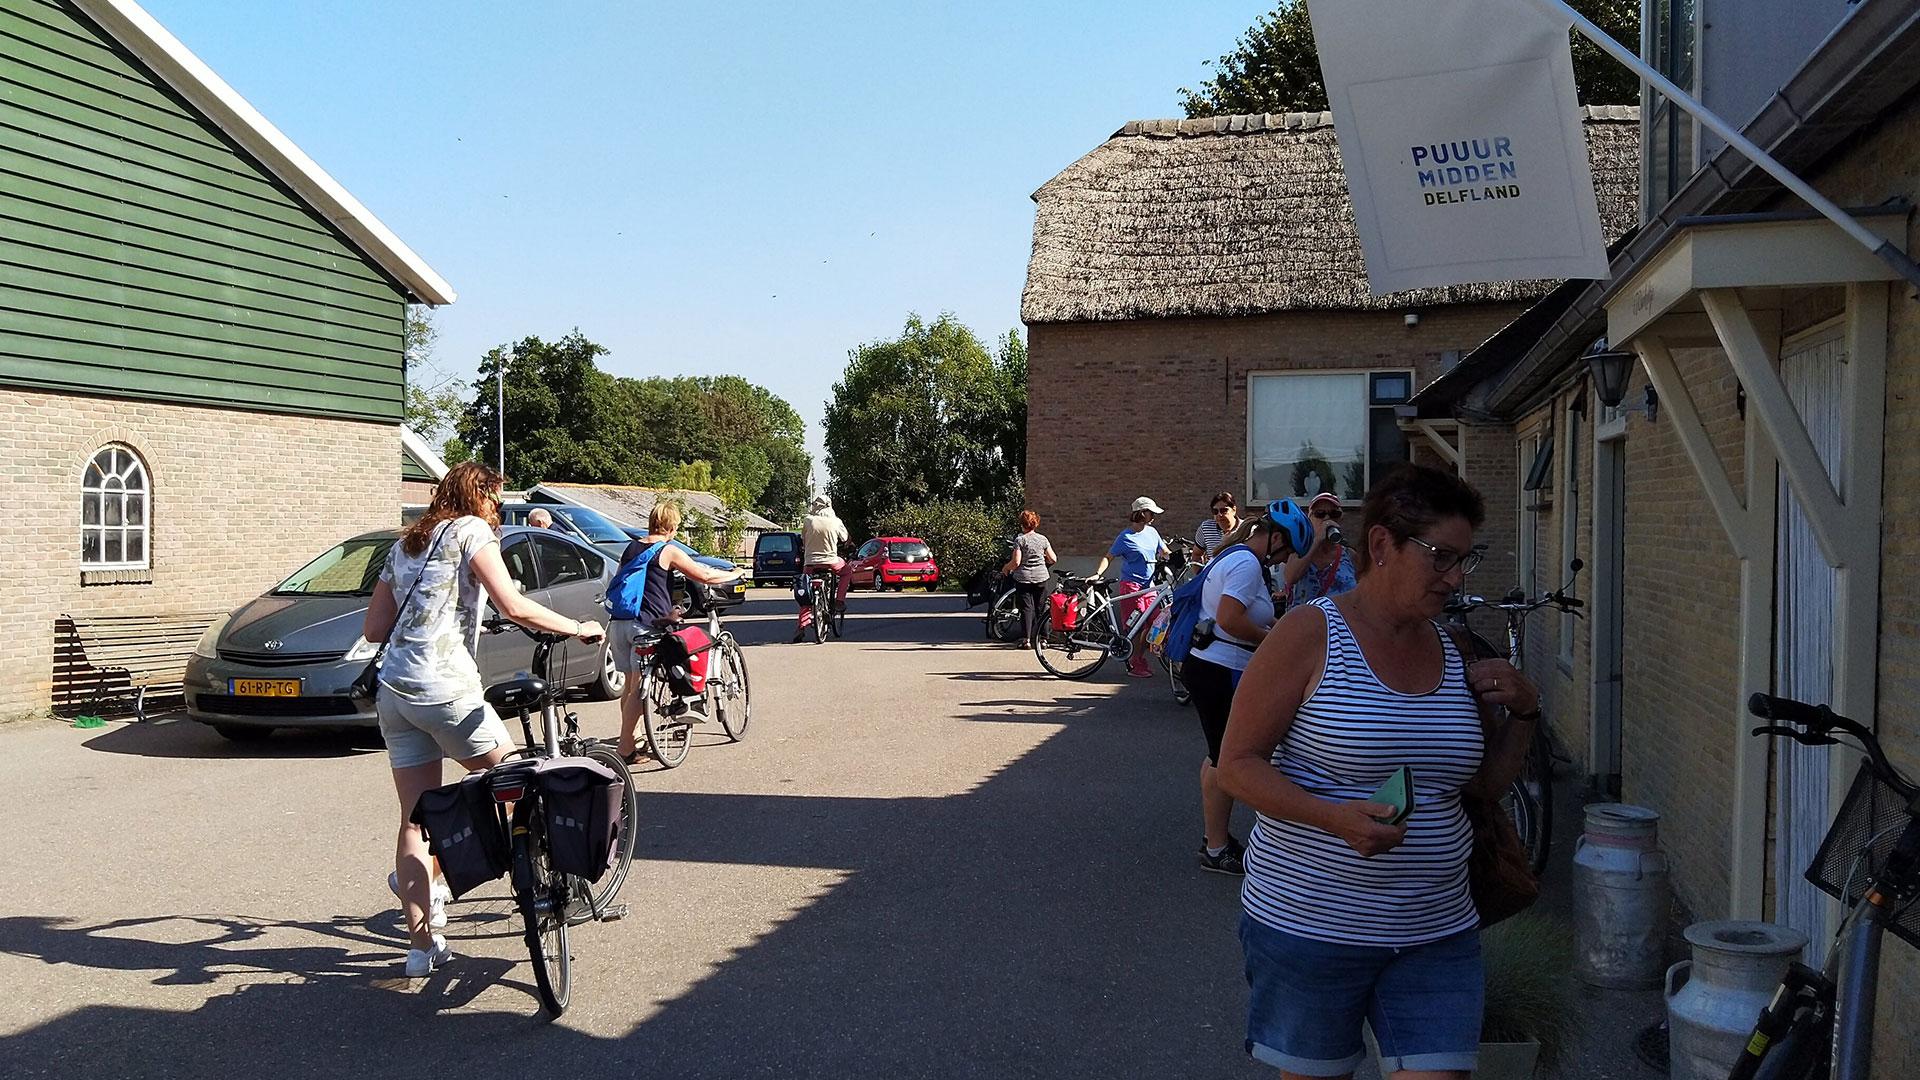 deelnemers aan de fietsroute van Fietsen voor m'n eten staan met de fiets op het boerenerf buiten de winkel van Zuivelboerderij van Winden in Midden-Delfland